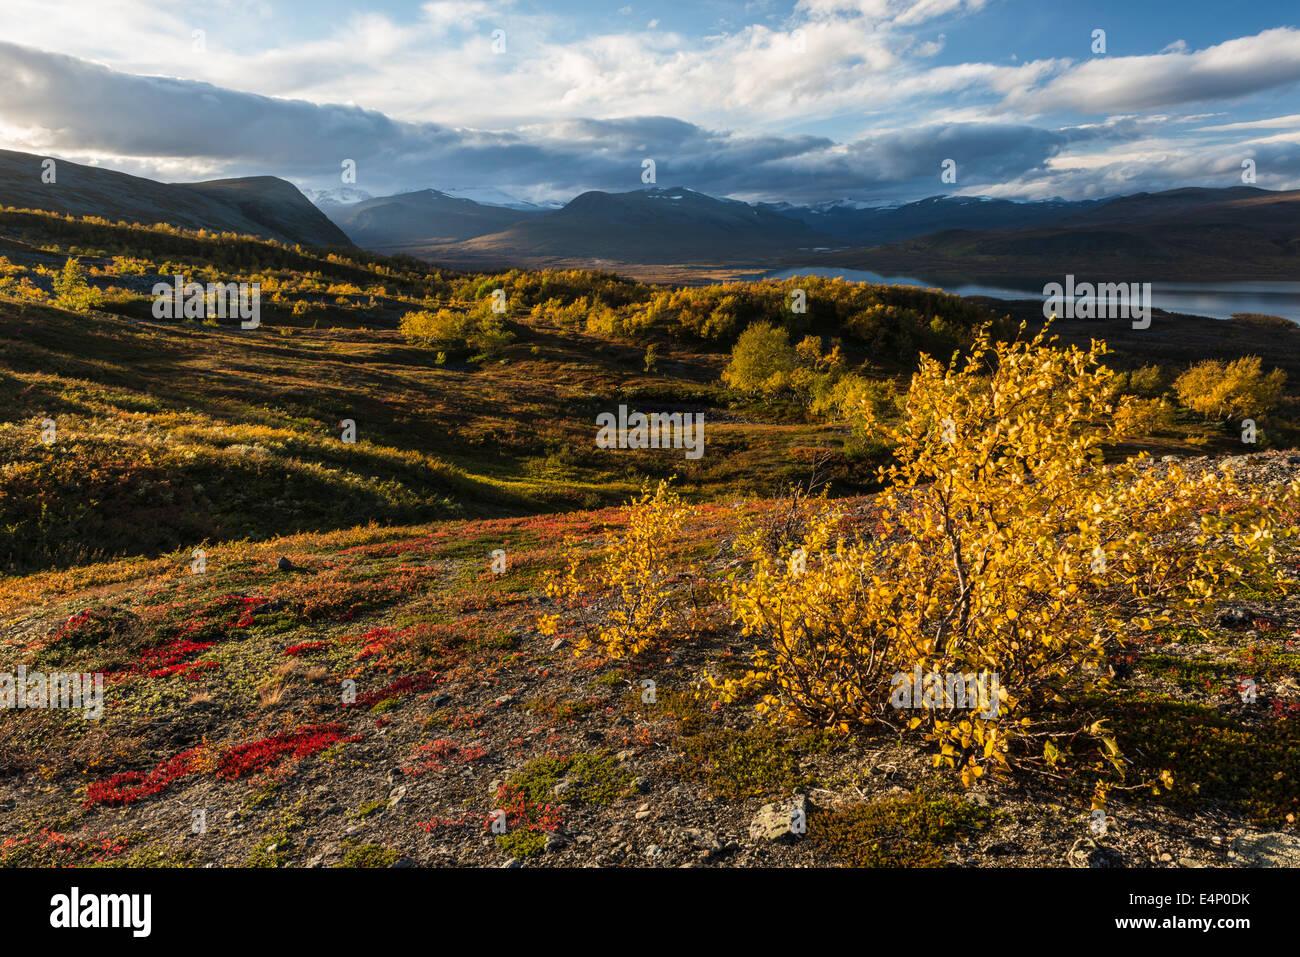 Blick auf den See Paittasjaervi und Berge im Kebnekaisefjaell, Norrbotten, Lappland, Schweden - Stock Image